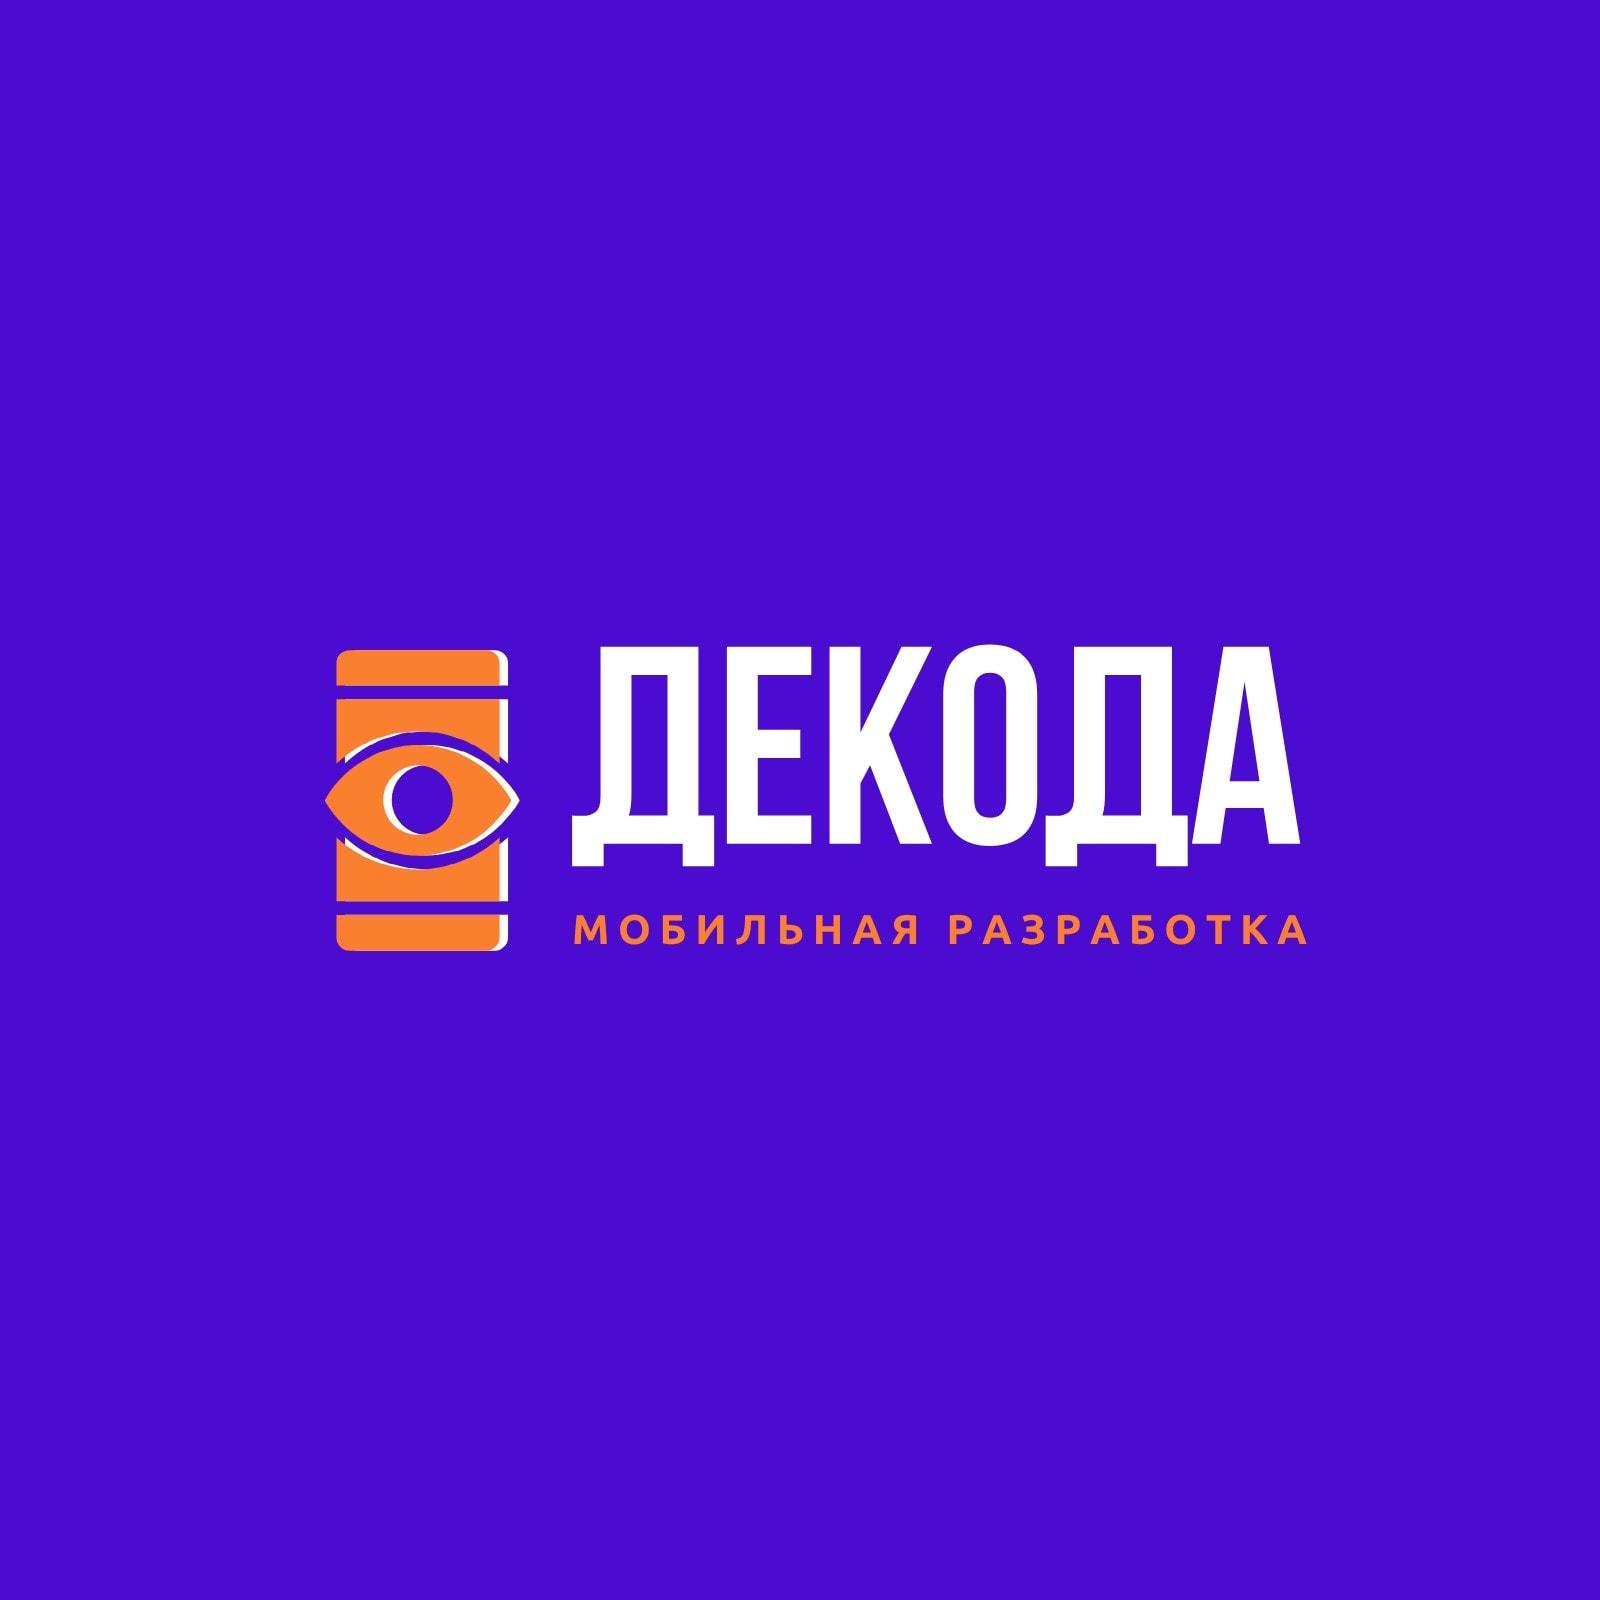 Оранжево-белый логотип с рисунком смартфона на синем фоне